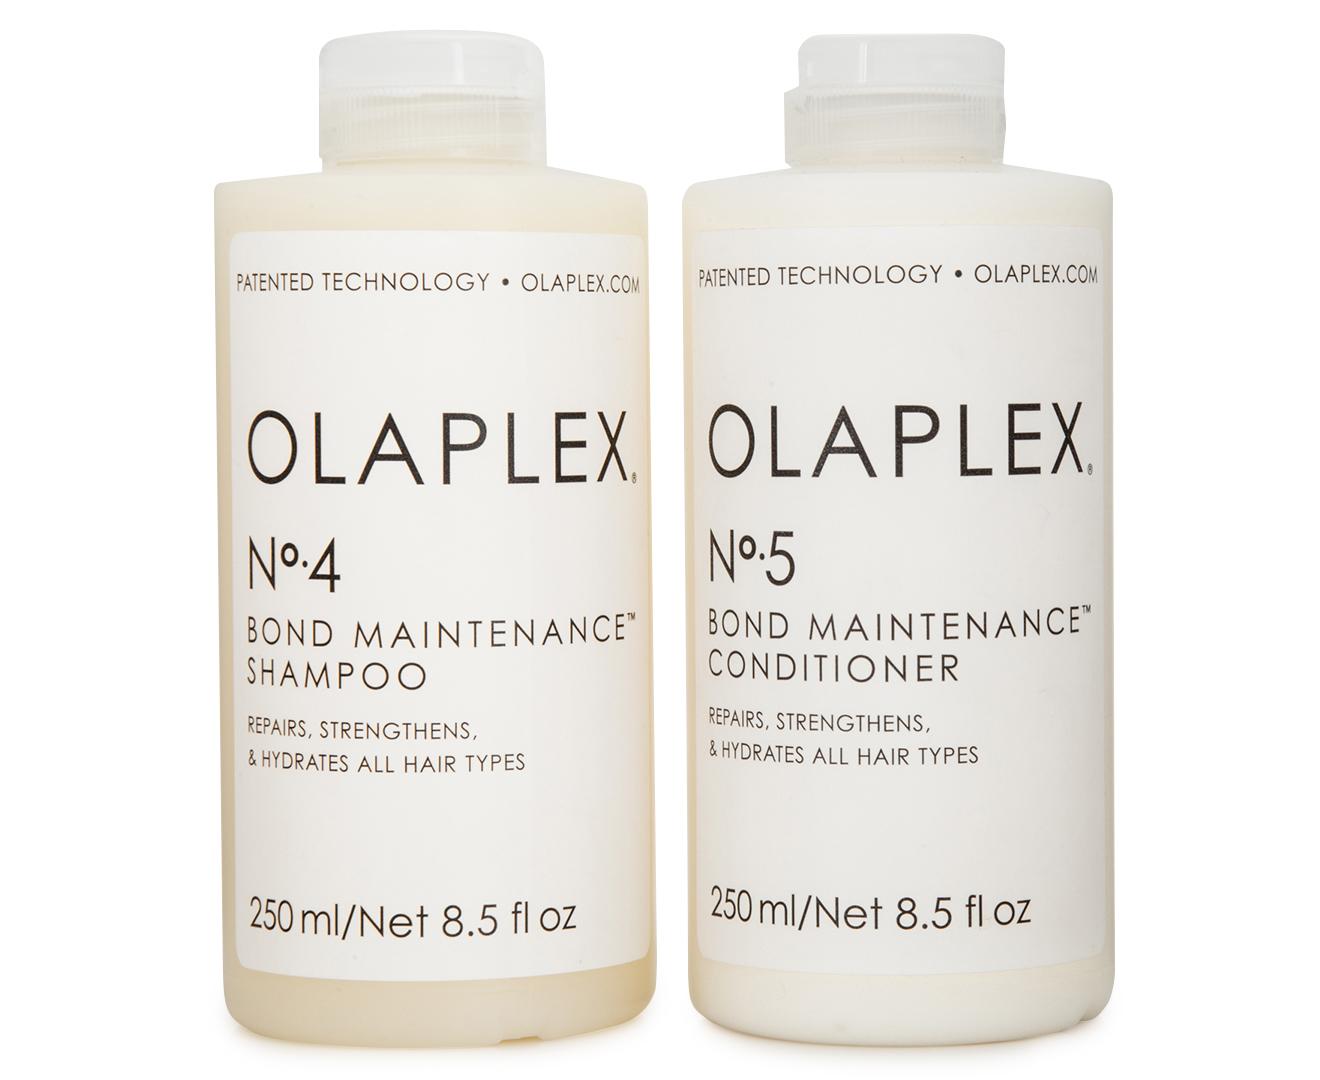 50 Gift Ideas for Mums | Olaplex No. 4 & No. 5 Bond Maintenance Shampoo | Beanstalk Mums